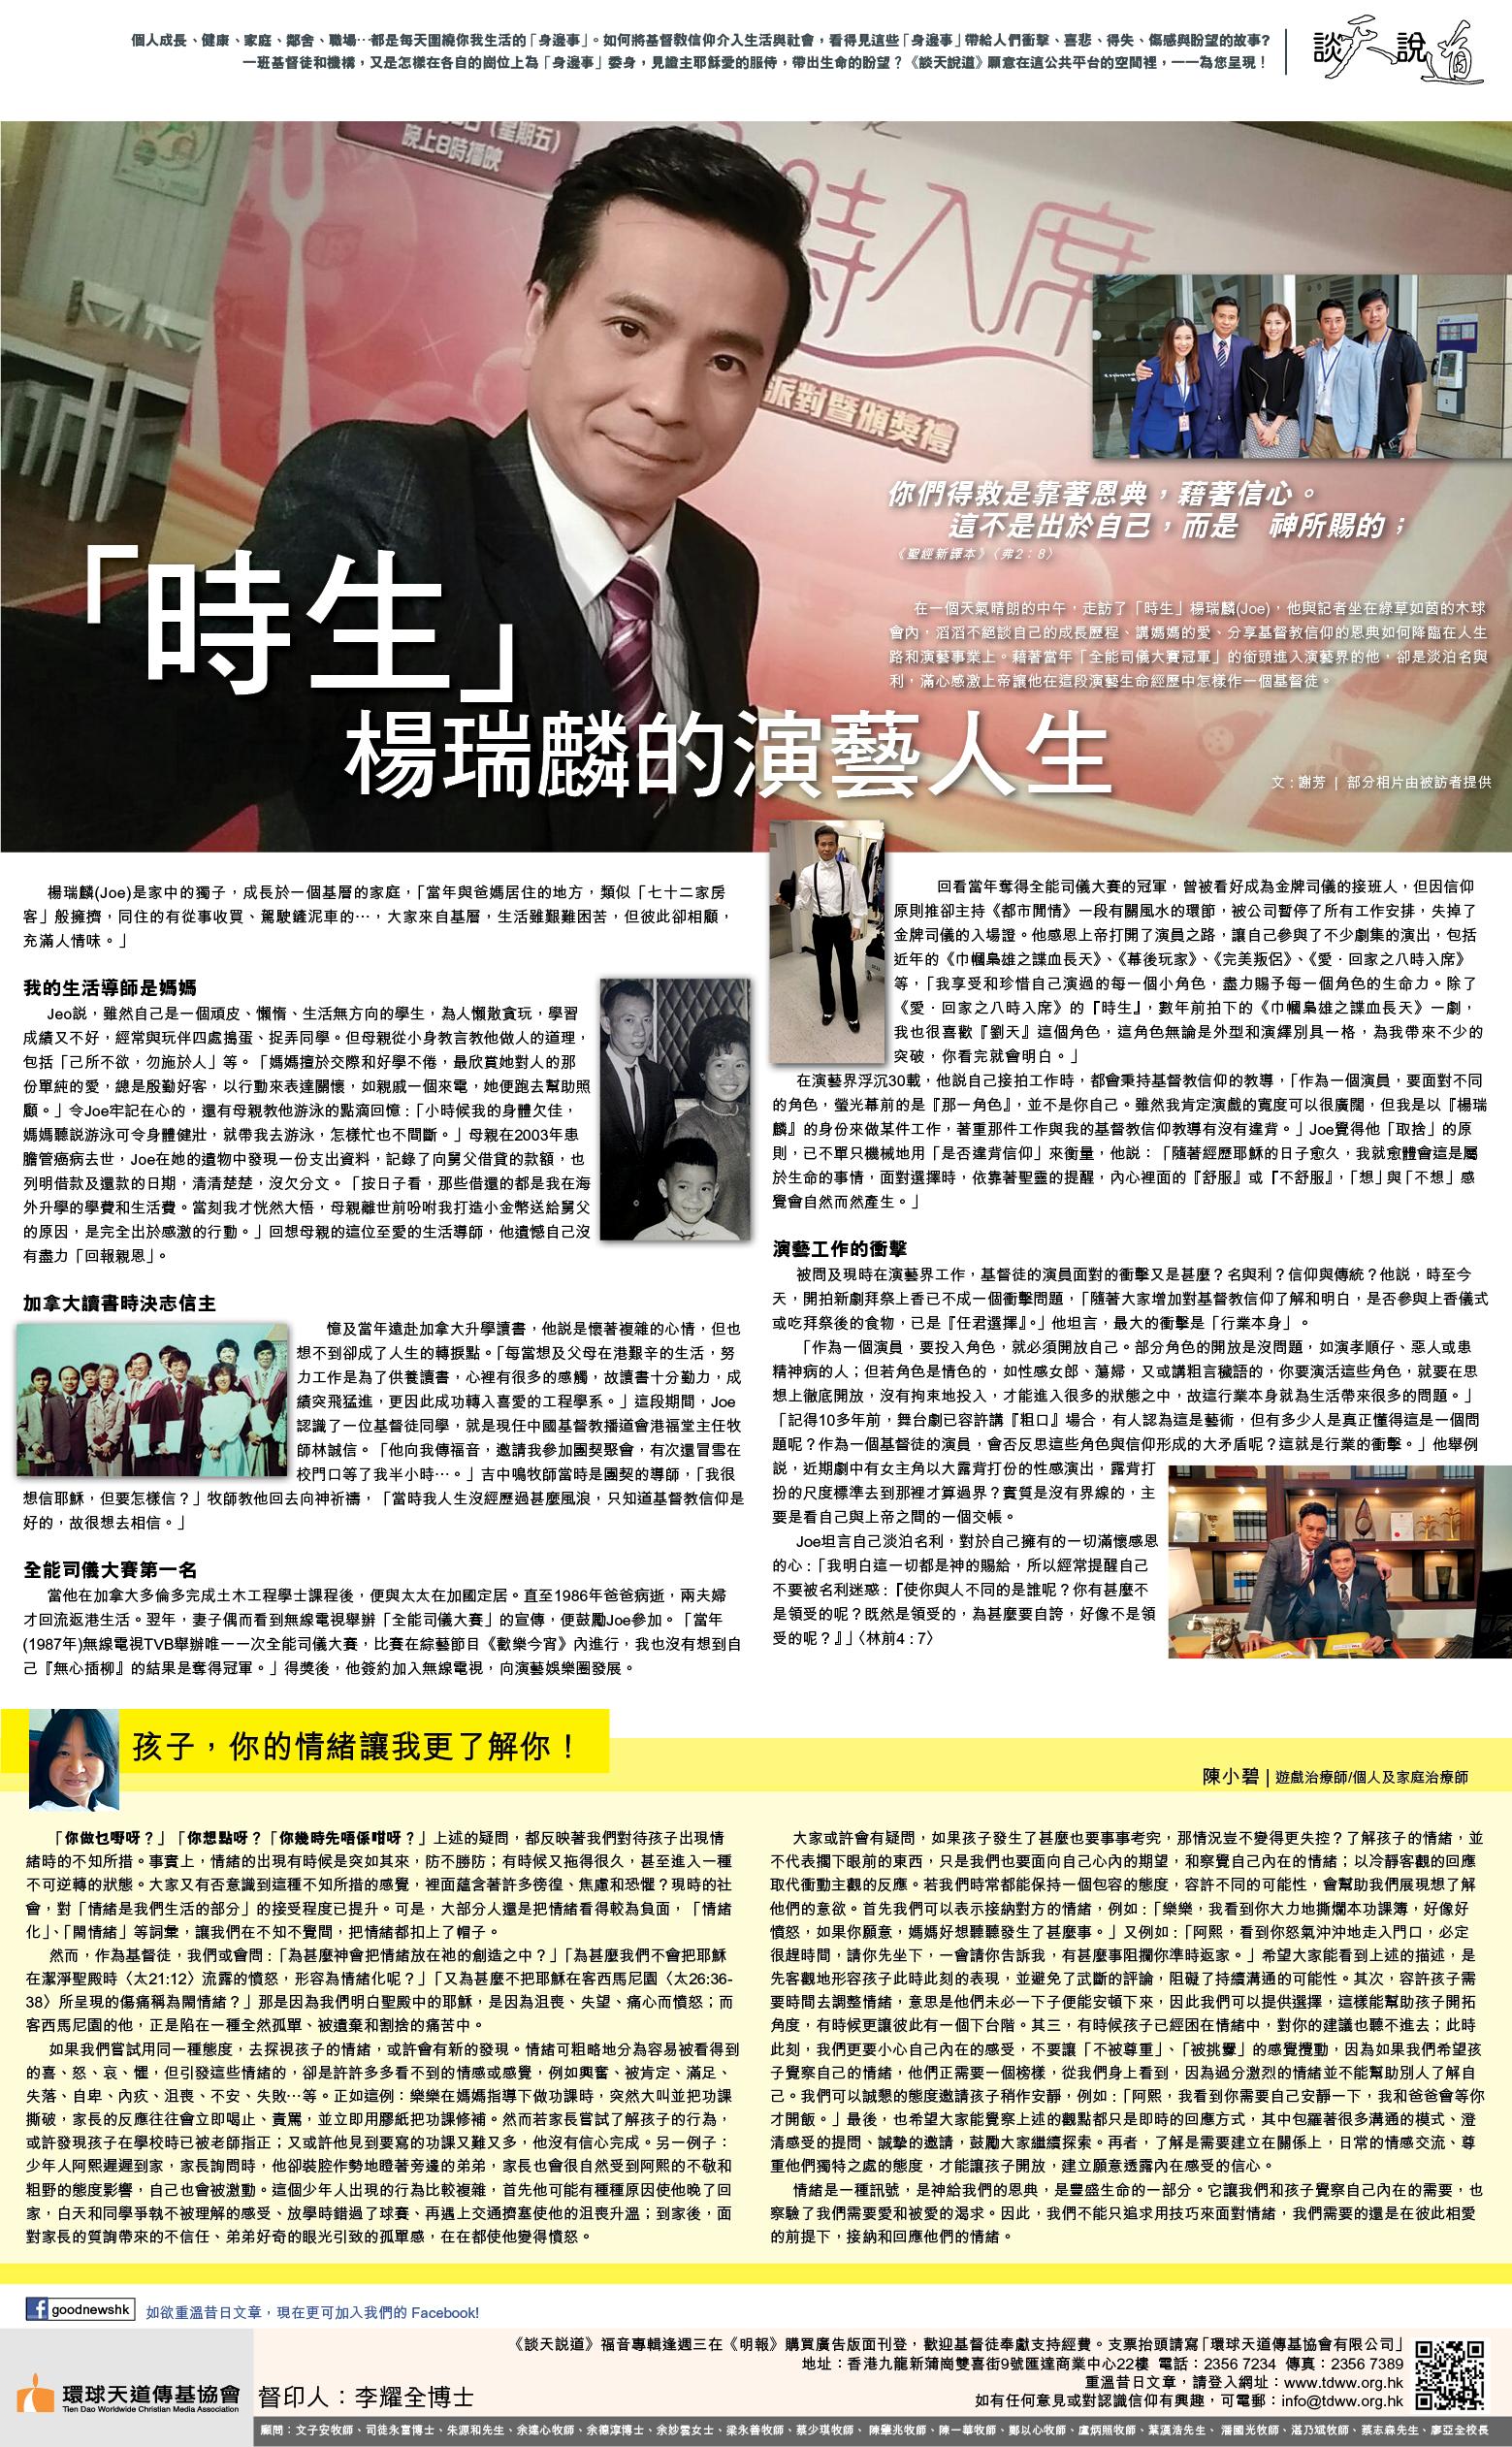 2017March29「時生」楊瑞麟的演藝人生.jpg